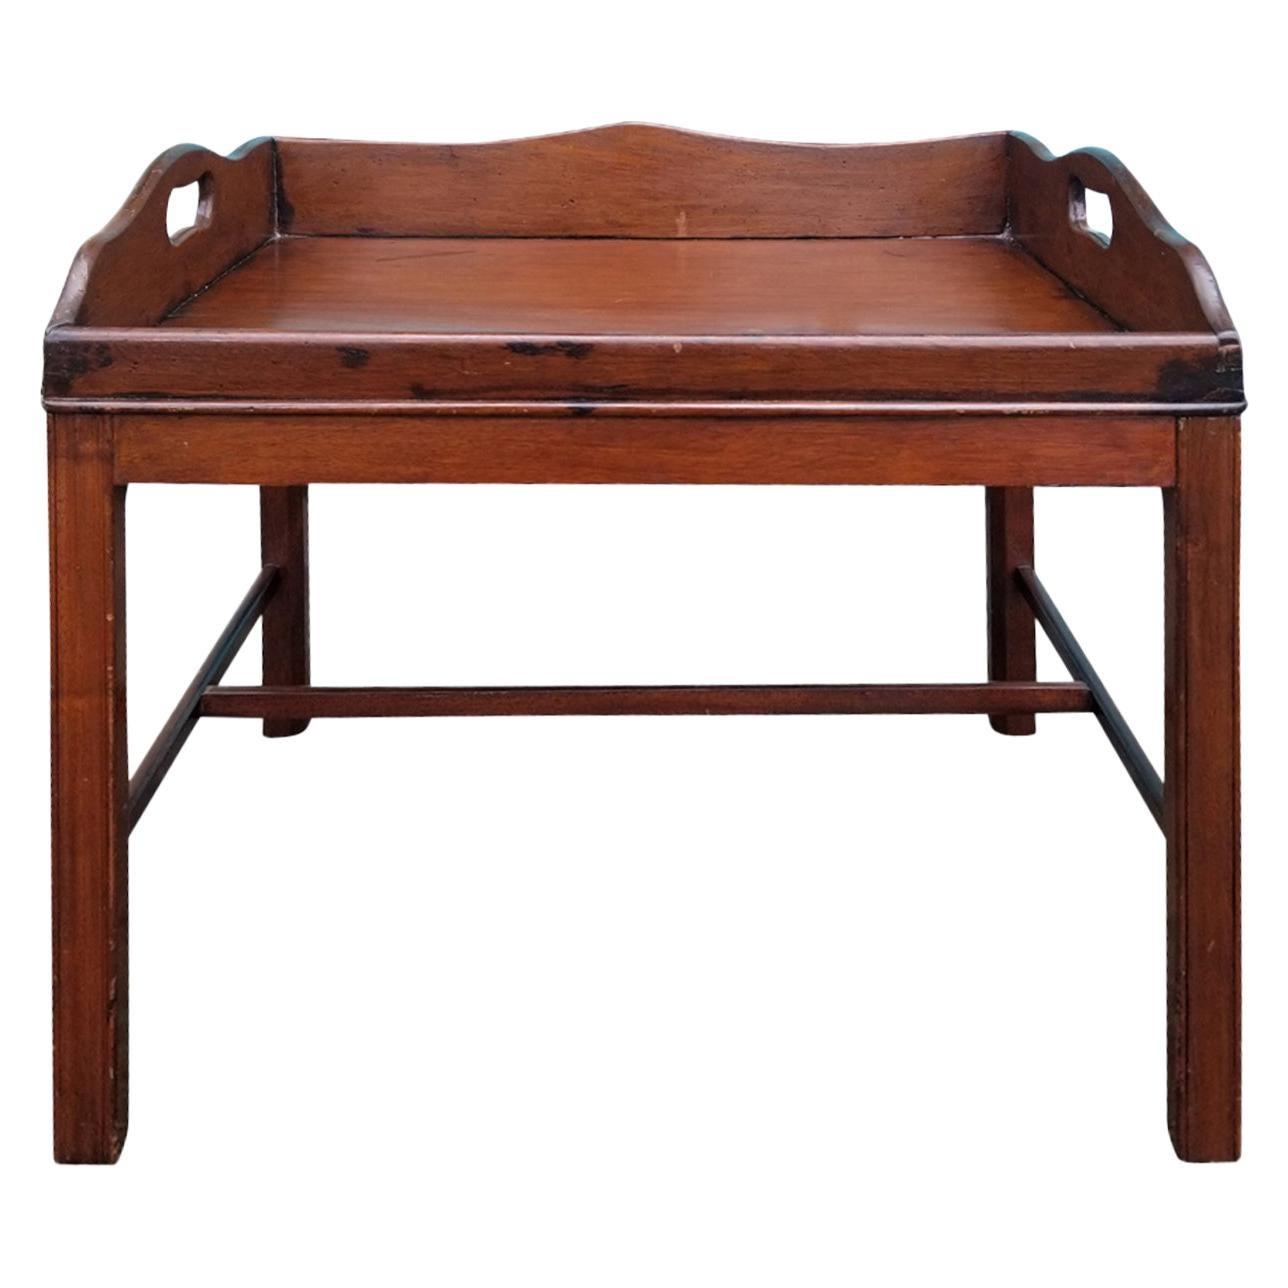 19th Century English Mahogany Tray Side Table